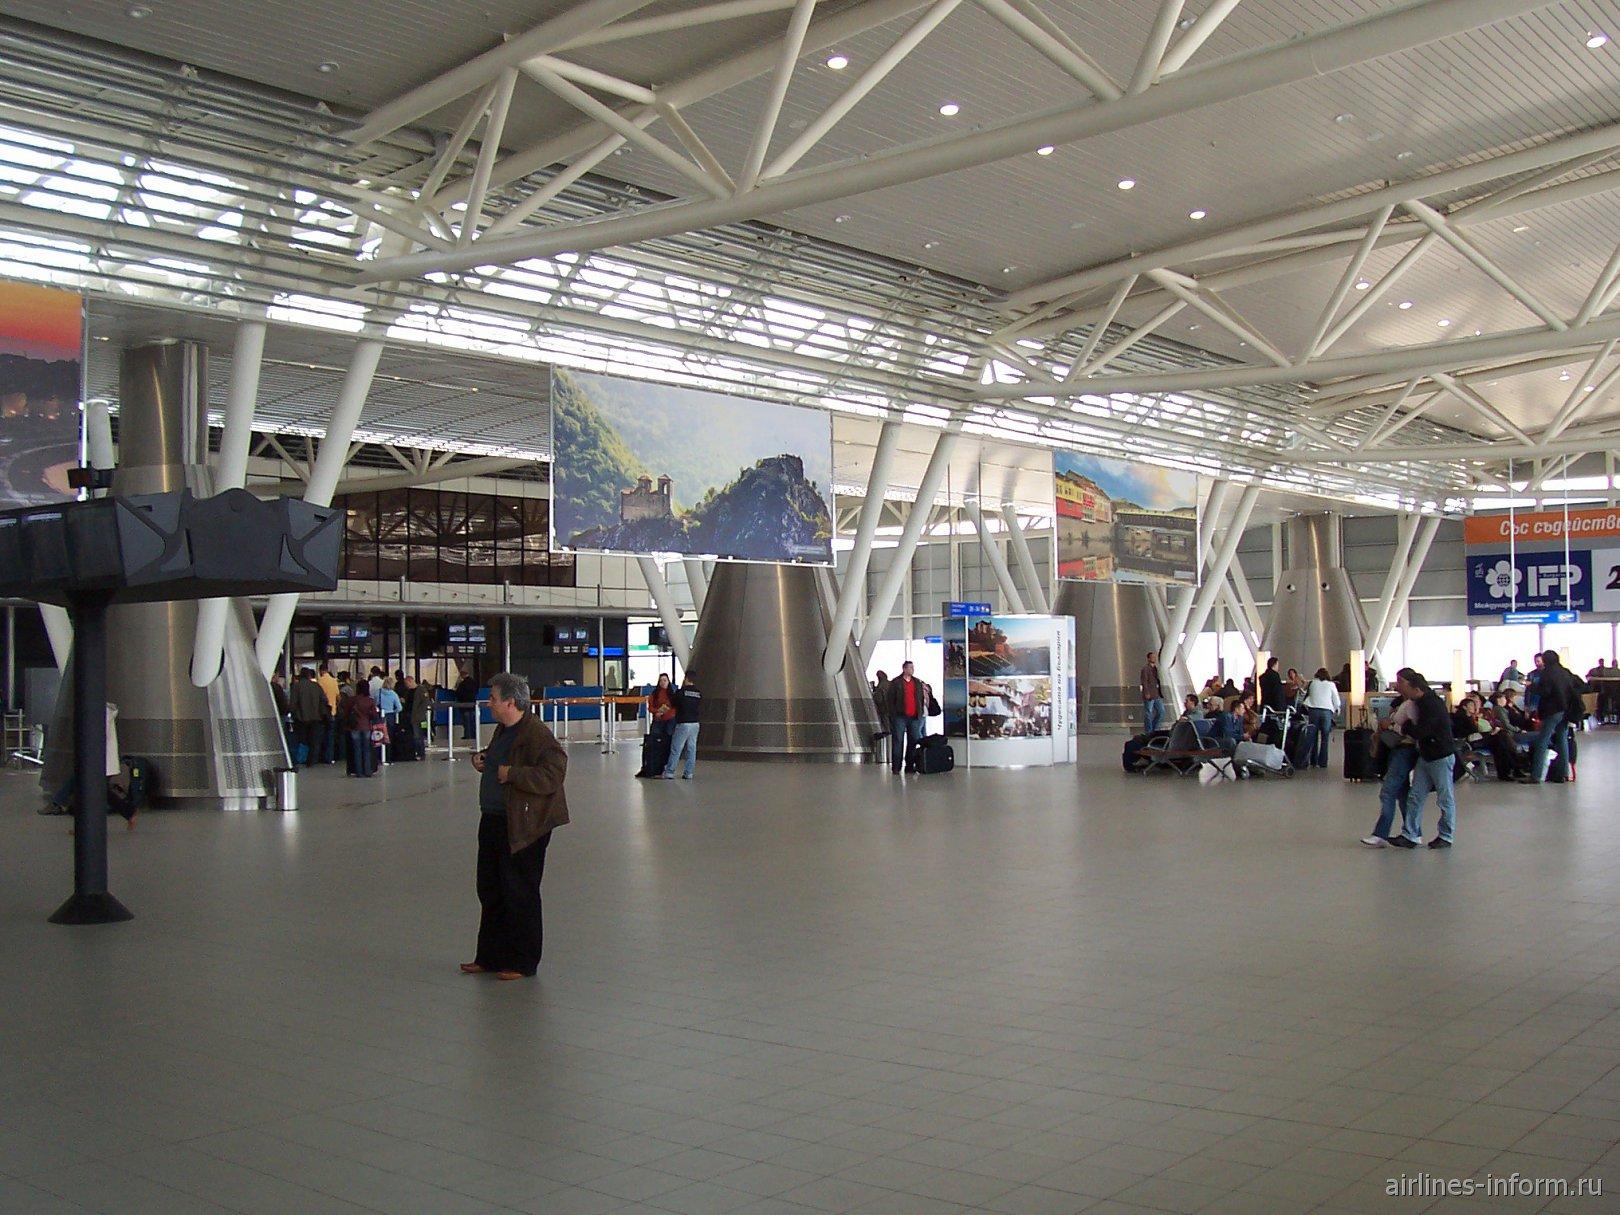 Аэропорт София Враждебна. Терминал 2. Вид изнутри.